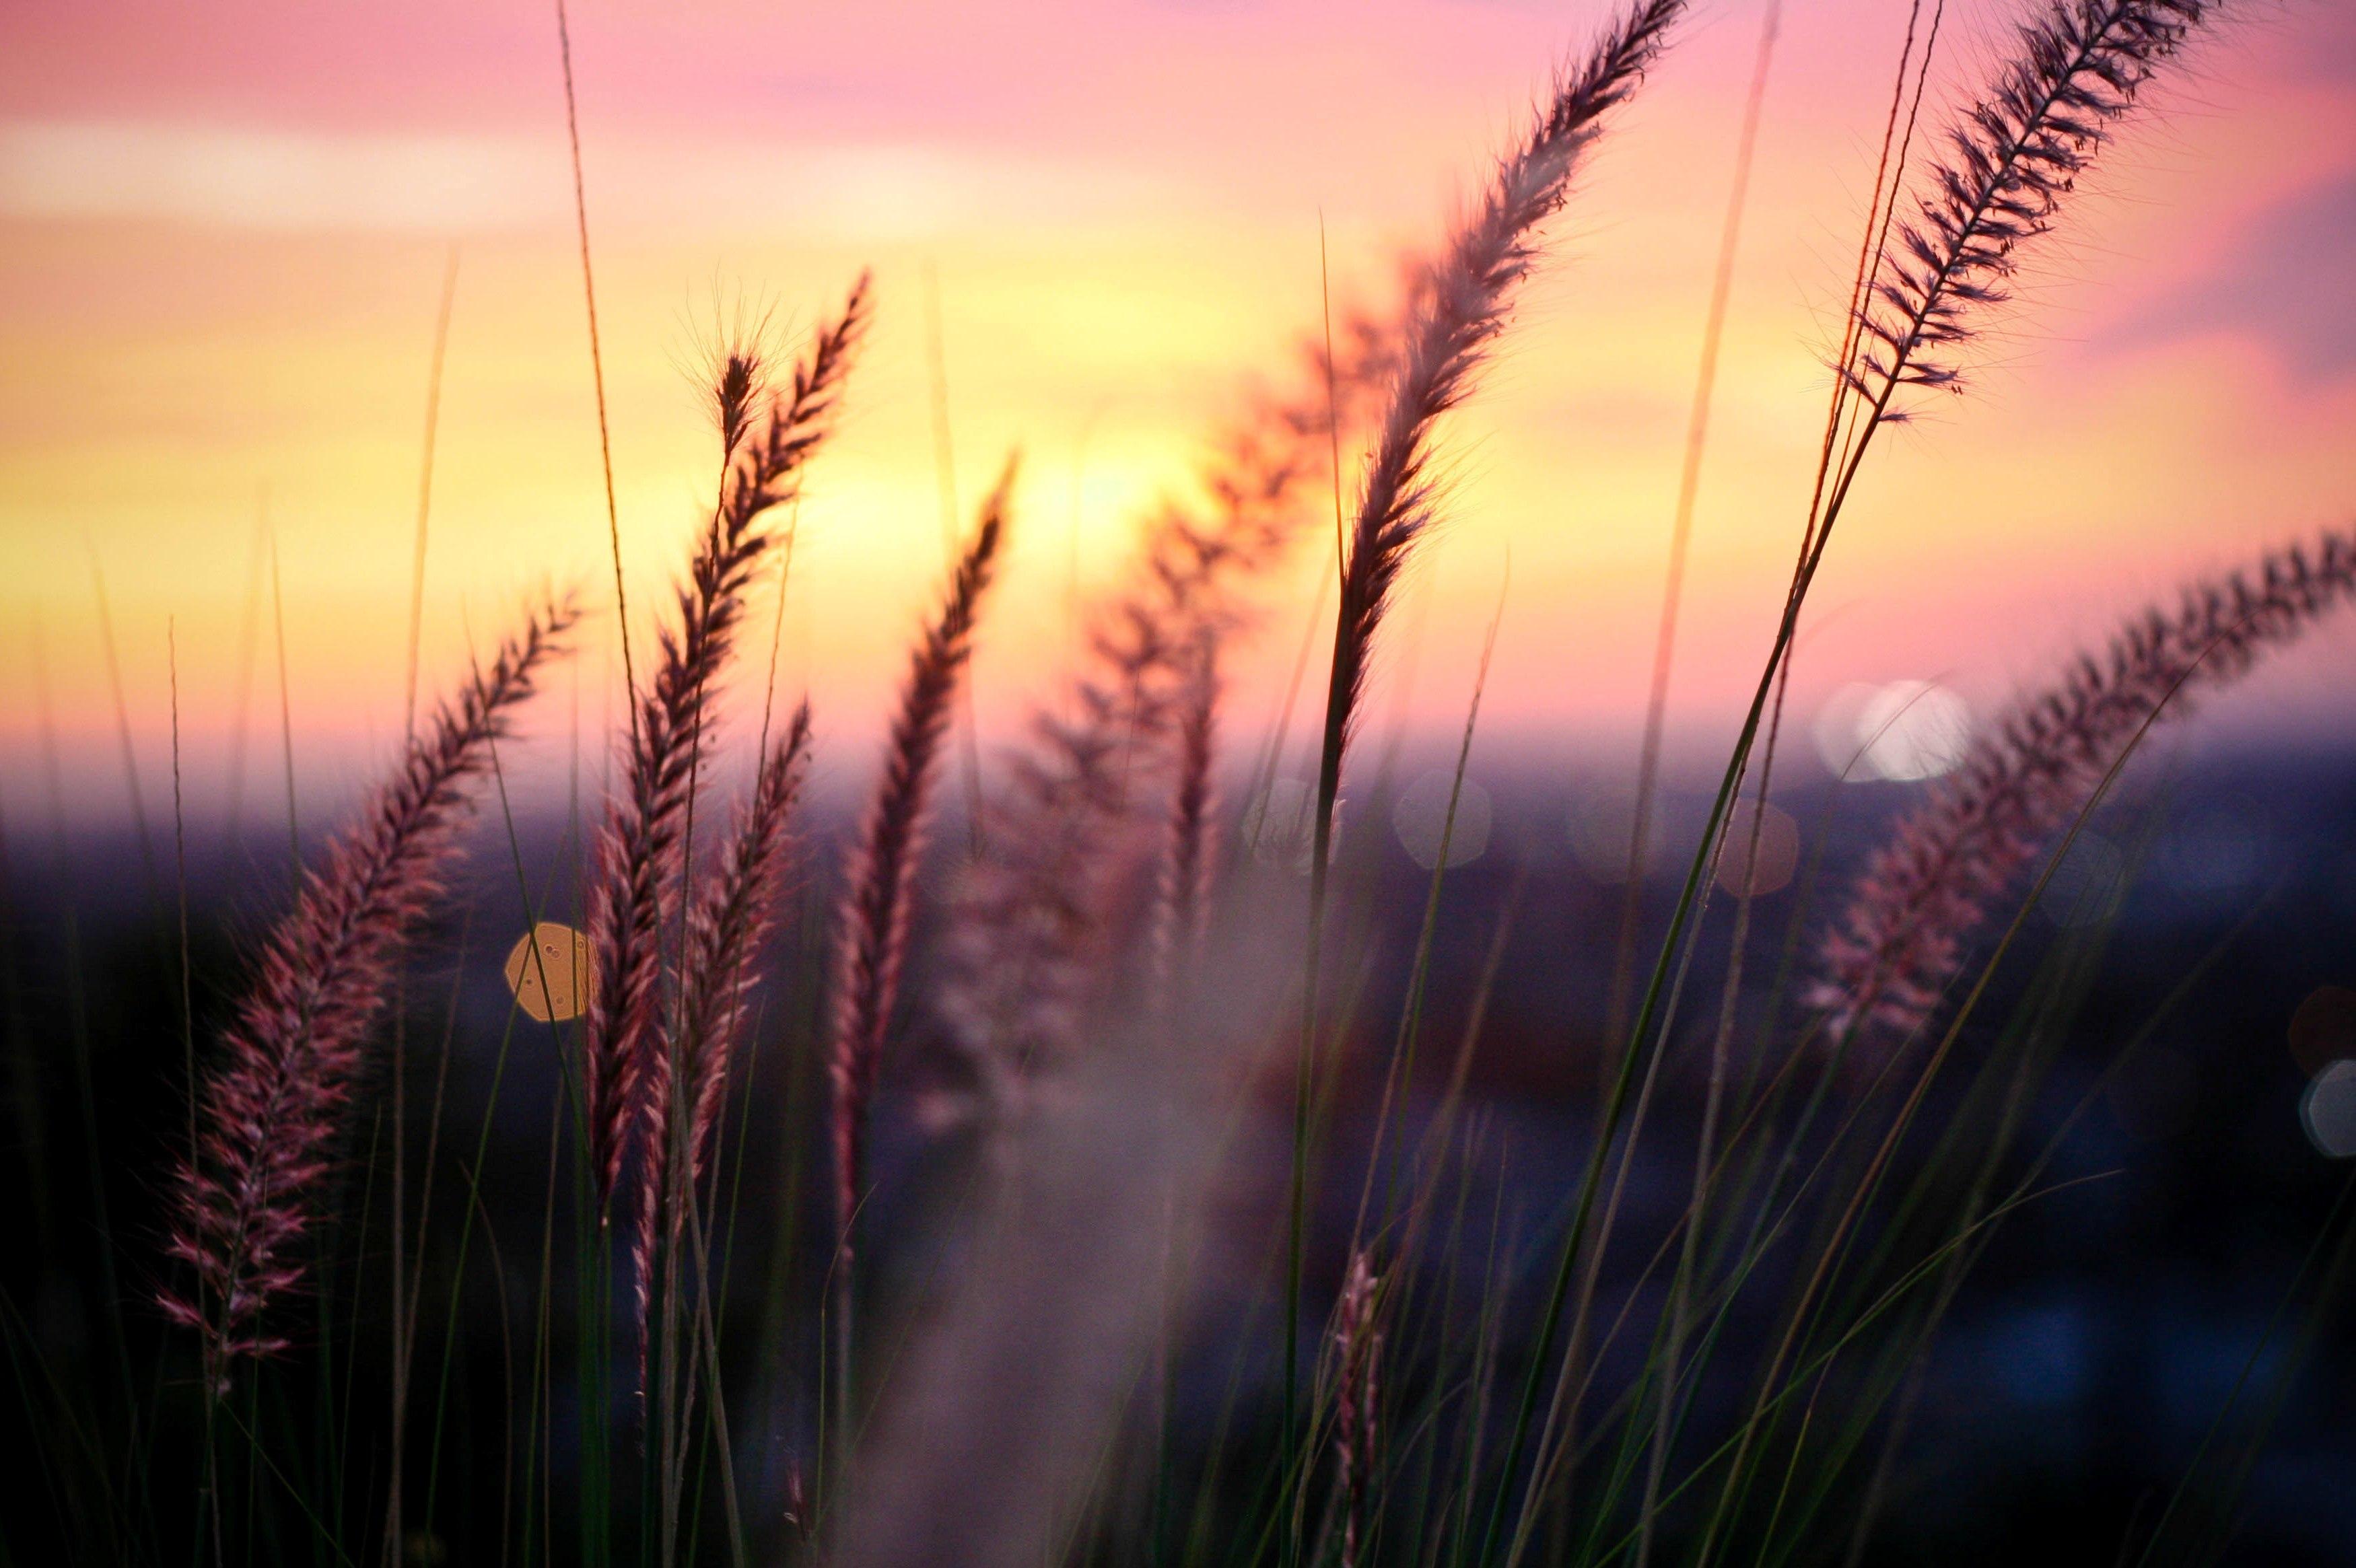 природа цветы трава мельниц восход солнце  № 2556623  скачать